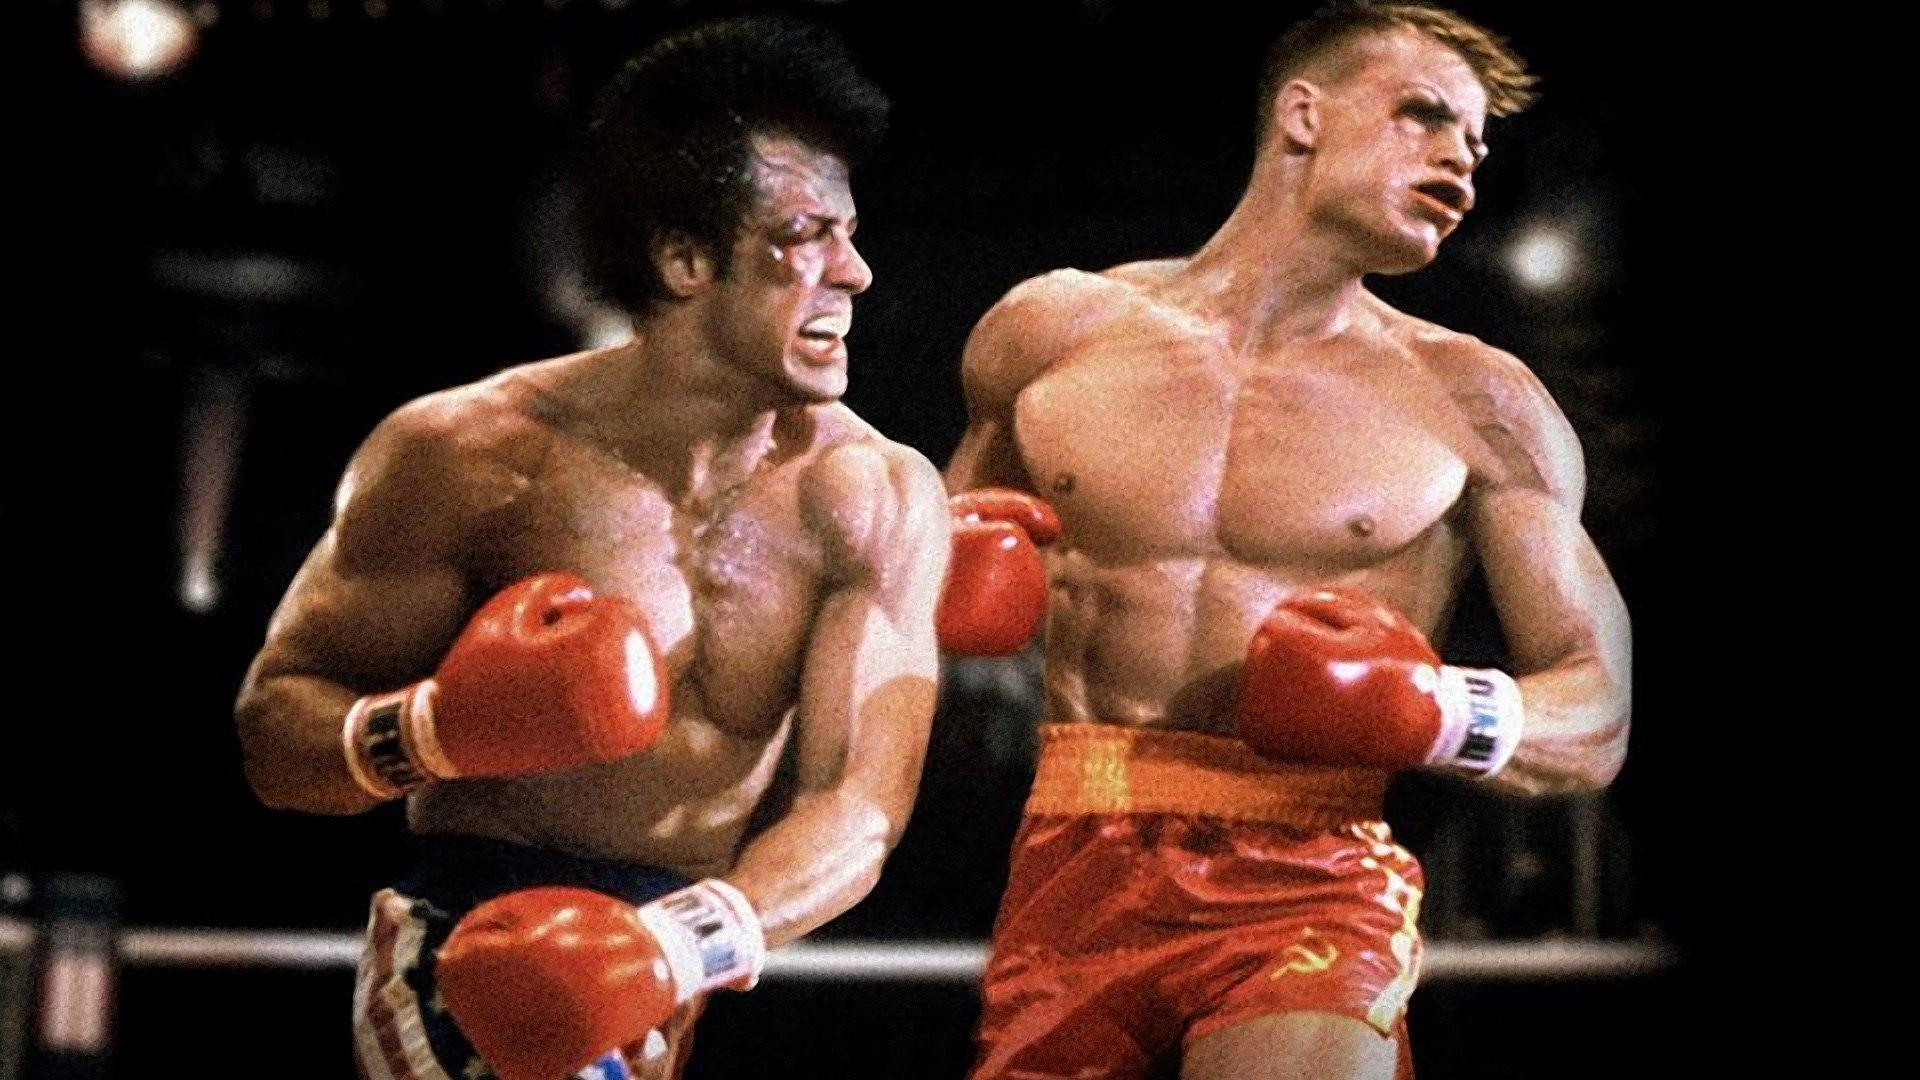 лучшие фильмы про боксеров рокки 1976 отвратительные мужики disgusting men